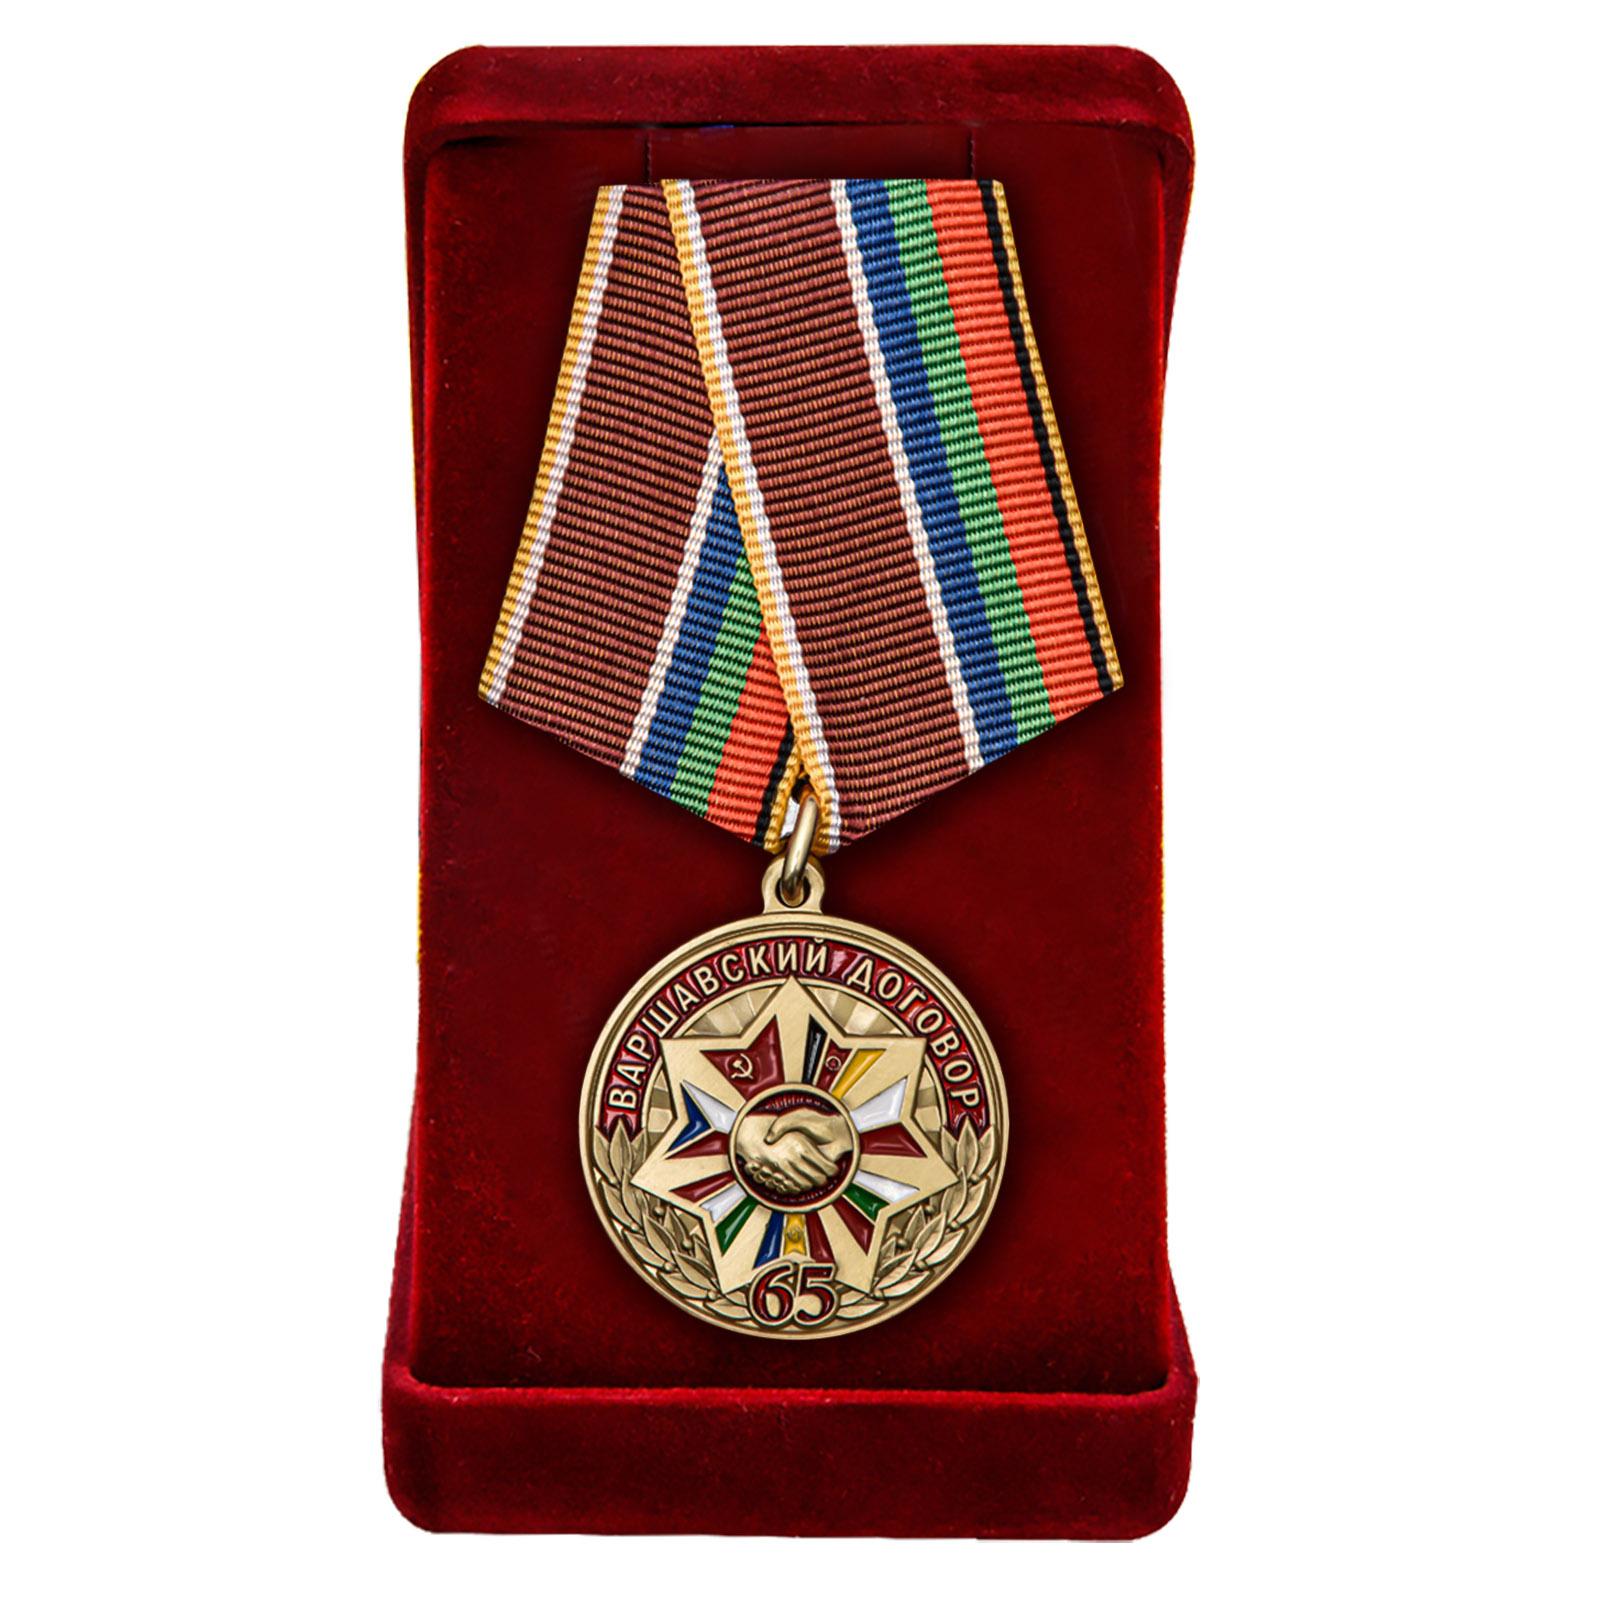 Купить медаль 65 лет Варшавскому договору онлайн с доставкой